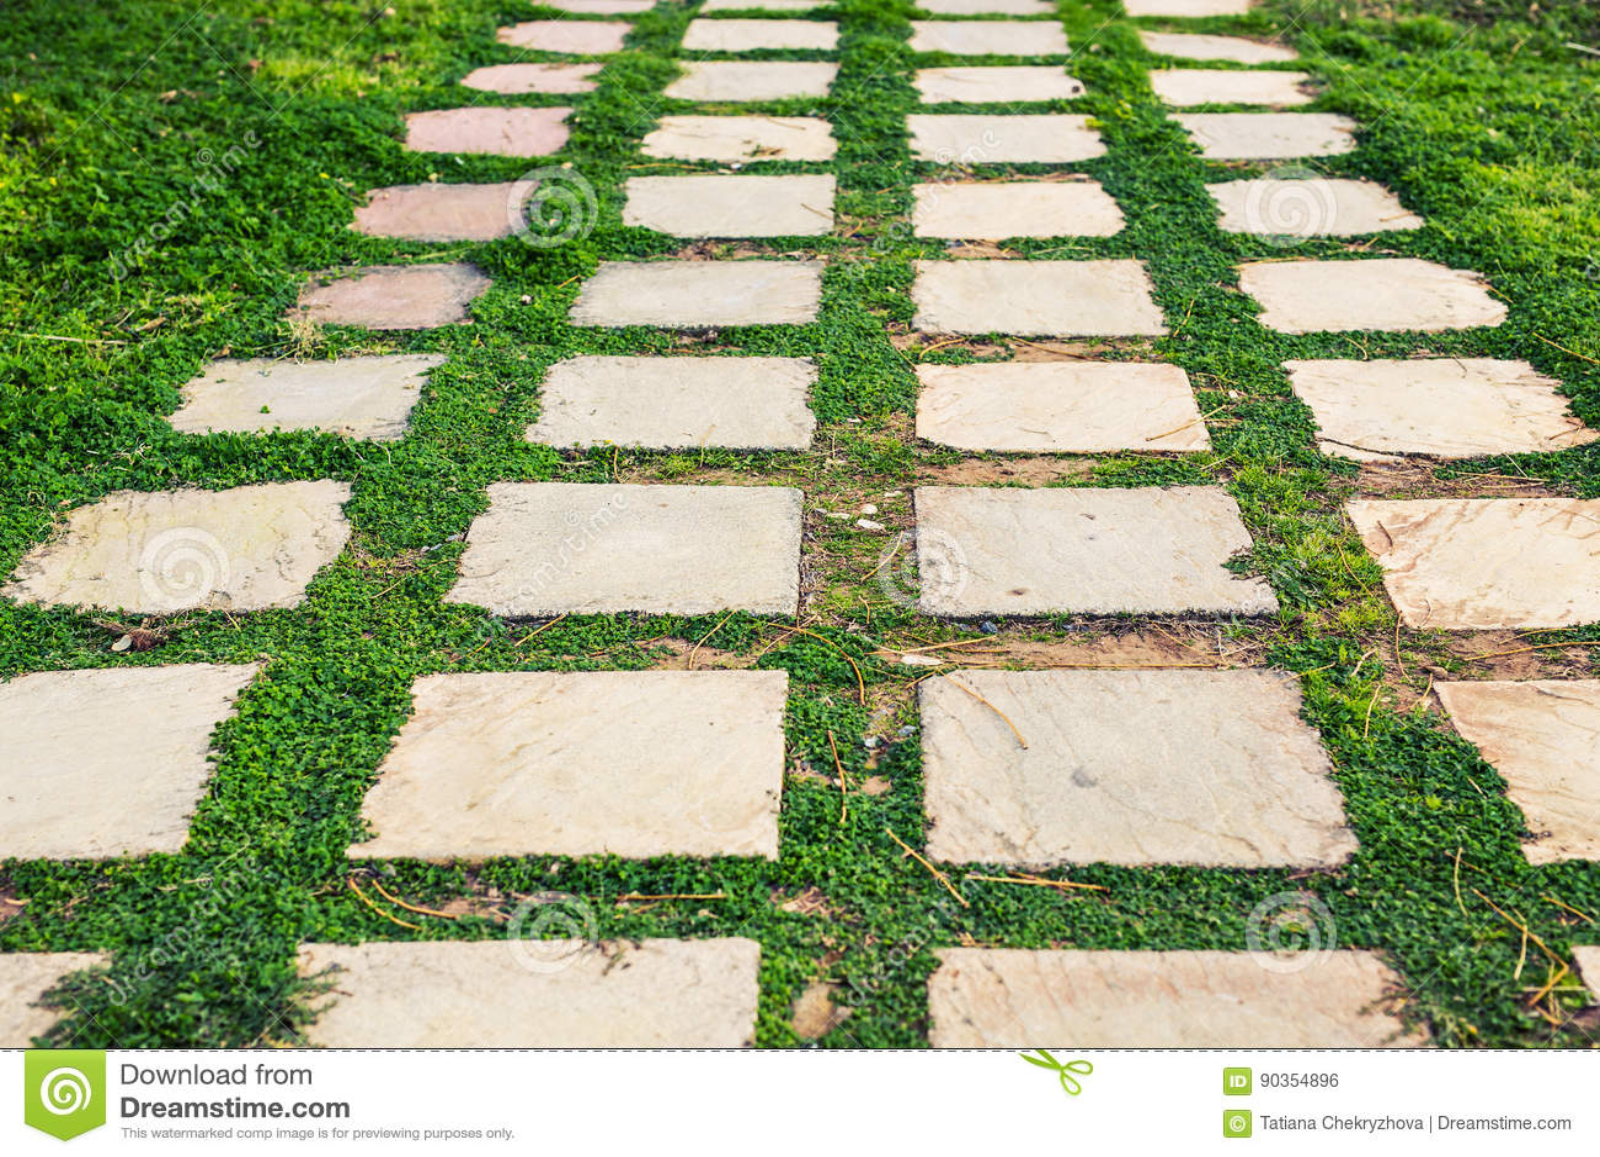 Pathway In Garden Green Lawns With Bricks Pathways Garden Landscape Design Stock Photo Image Of Green Cobblestone 90354896